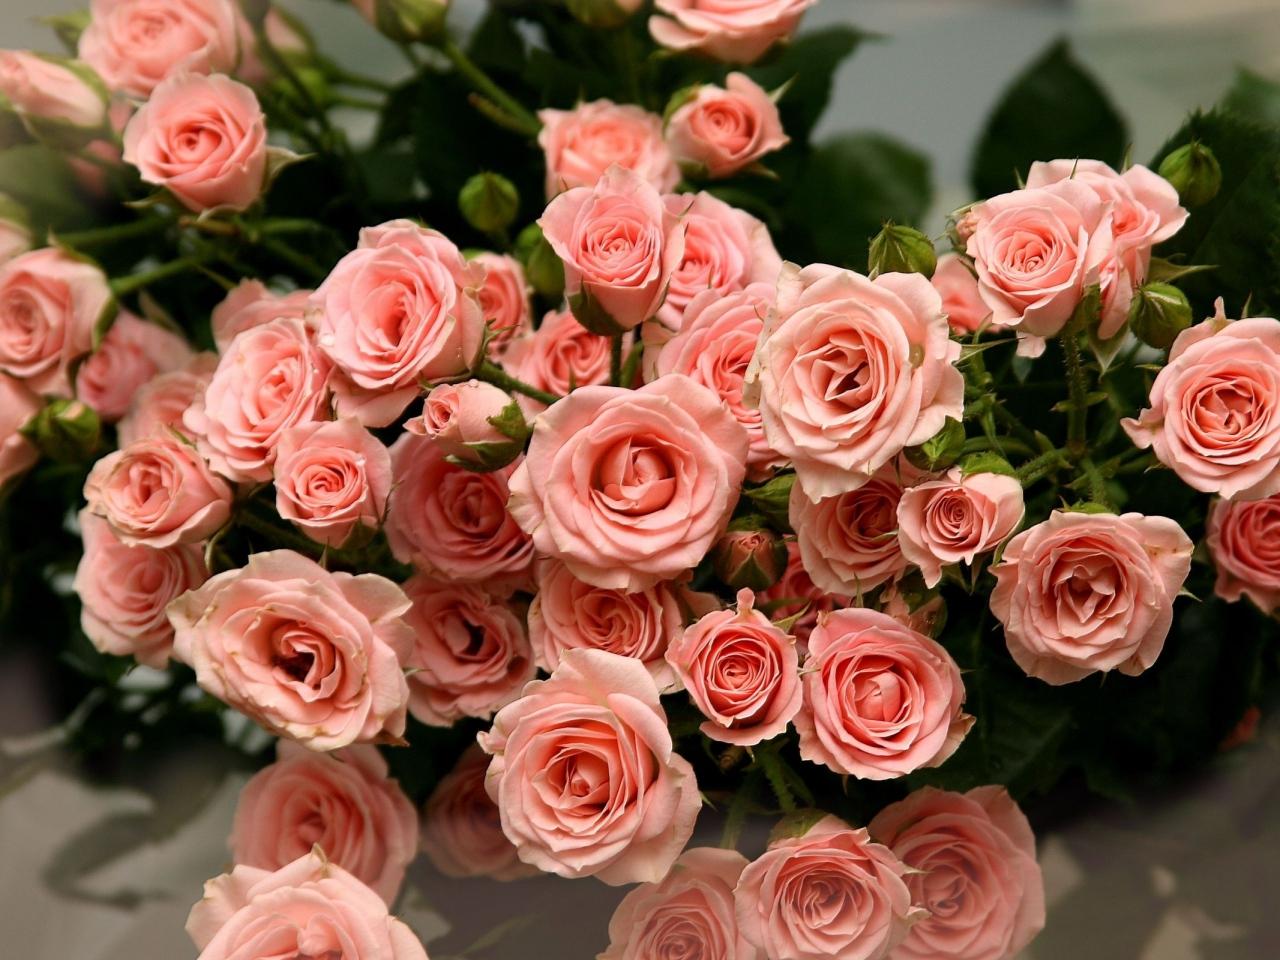 Фото розы высокого разрешения